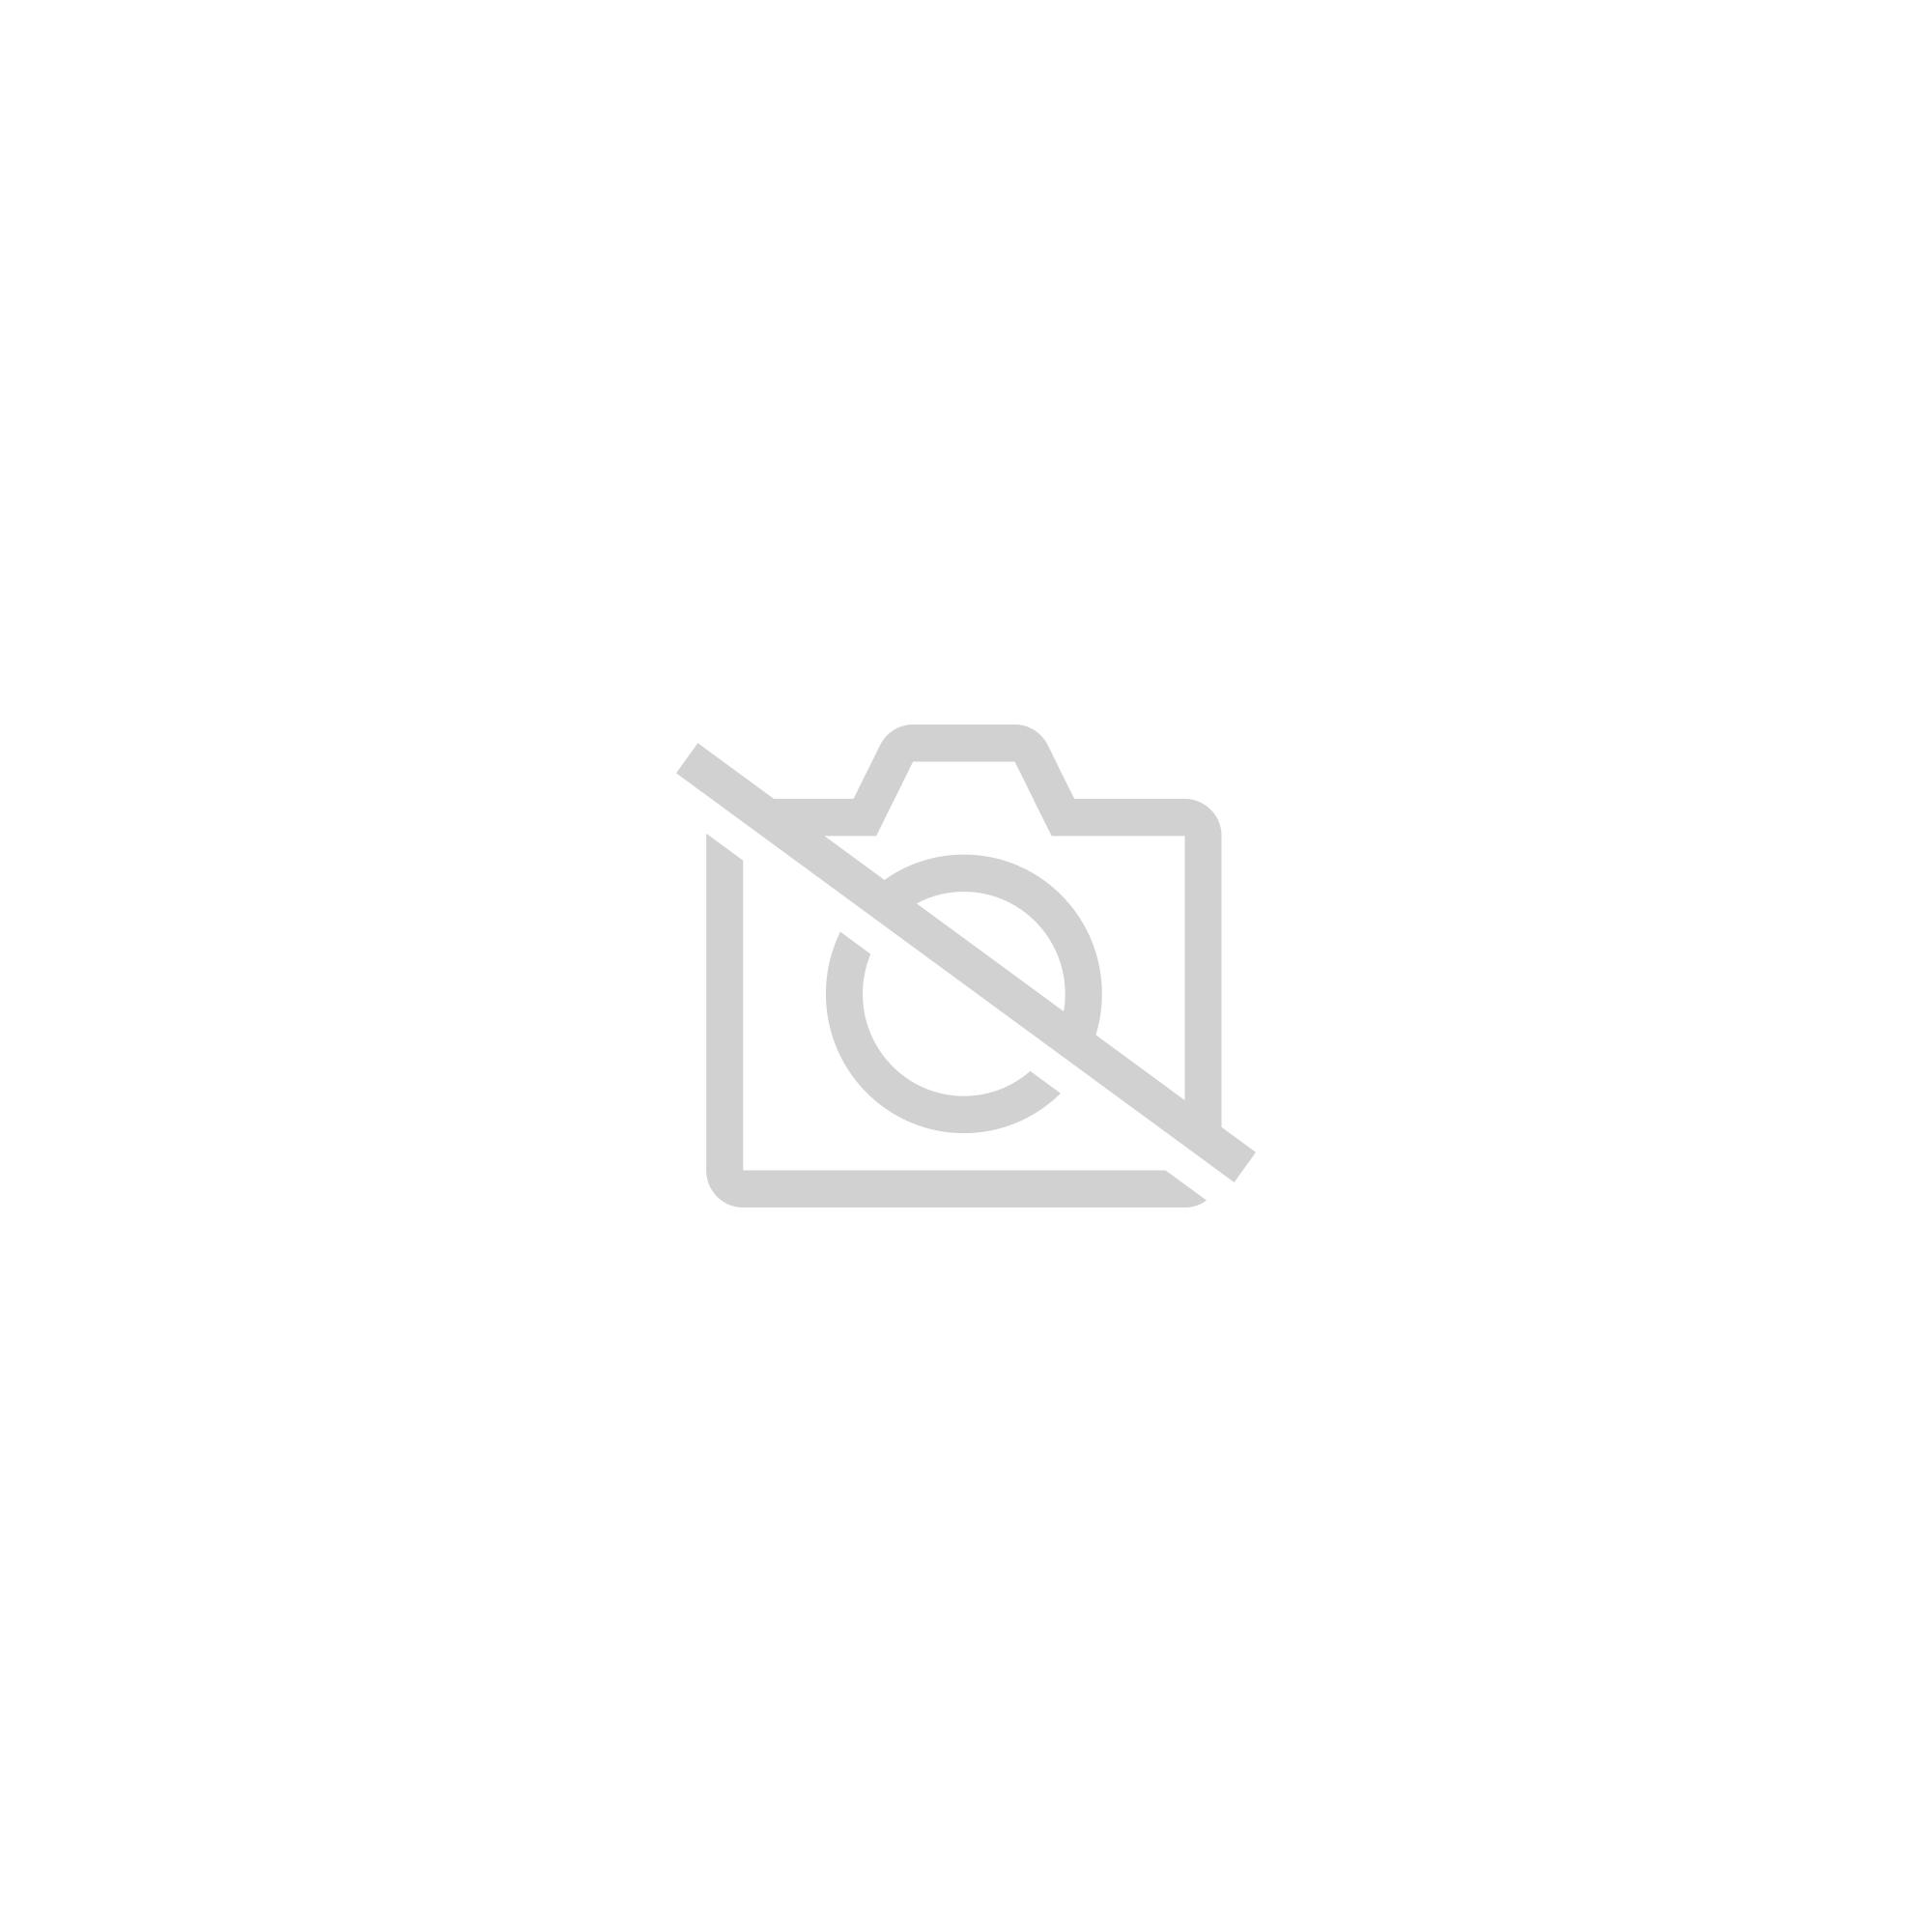 MagiDeal Couche Lavable Enfant B/éb/é Fille Gar/çon Culotte dApprentissage Anti-Fuite Imperm/éable Couche-Culotte avec Bouton Taille R/églable pour 0-6 ans